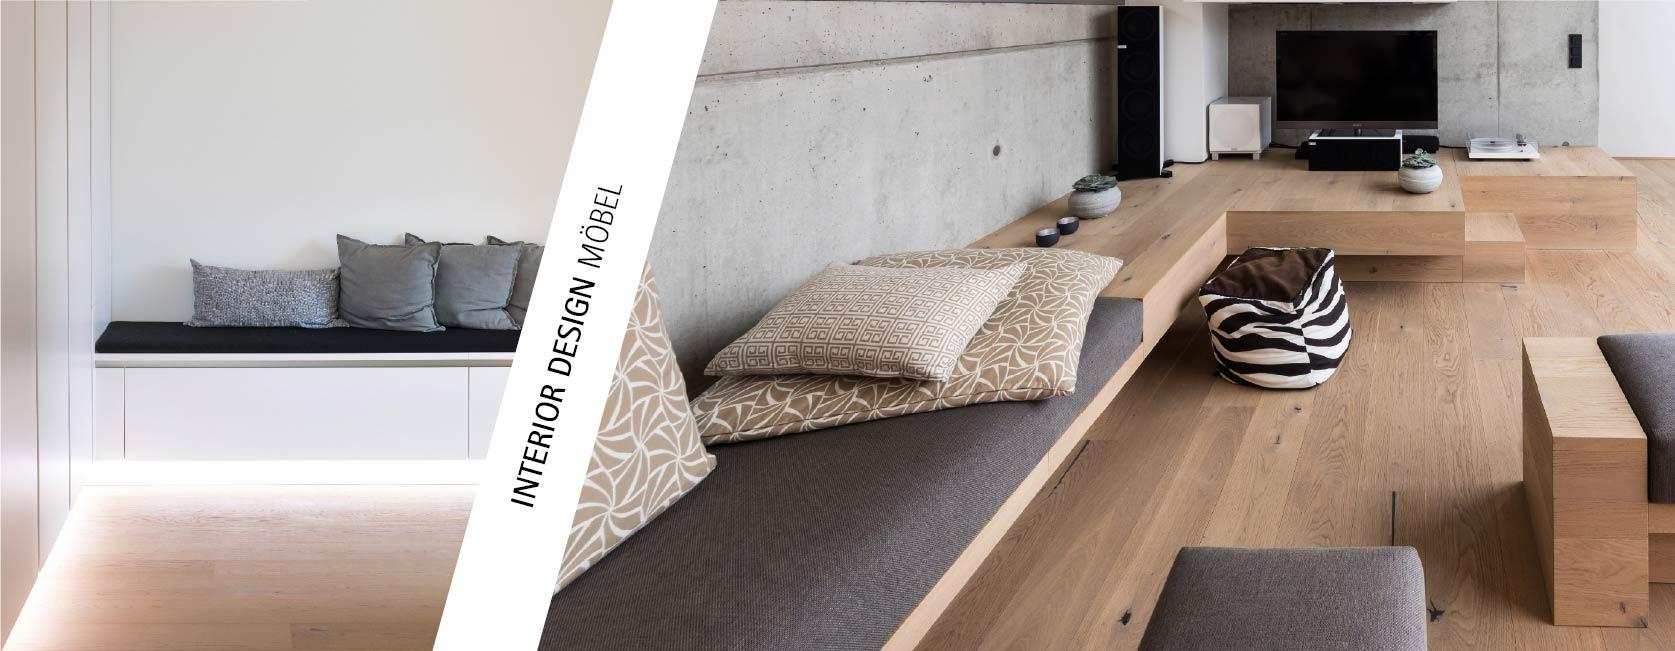 interior design möbel | /rc-studio carnevale architekten ulm